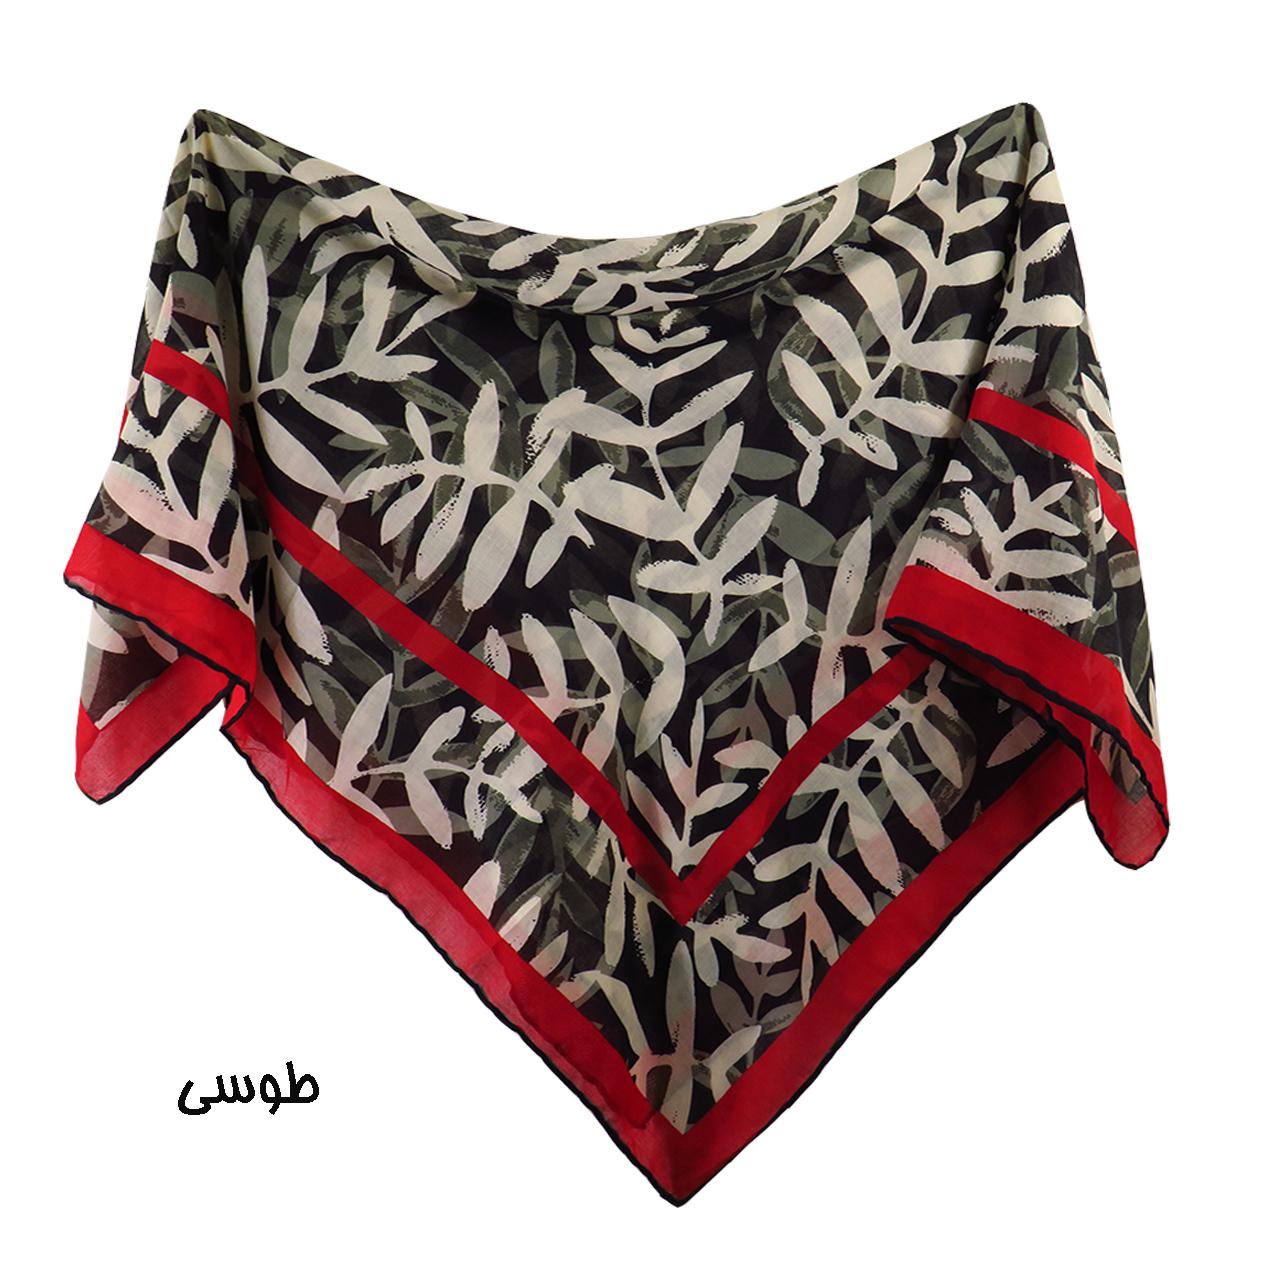 روسری زنانه لمیز مدل برگ  -  - 6